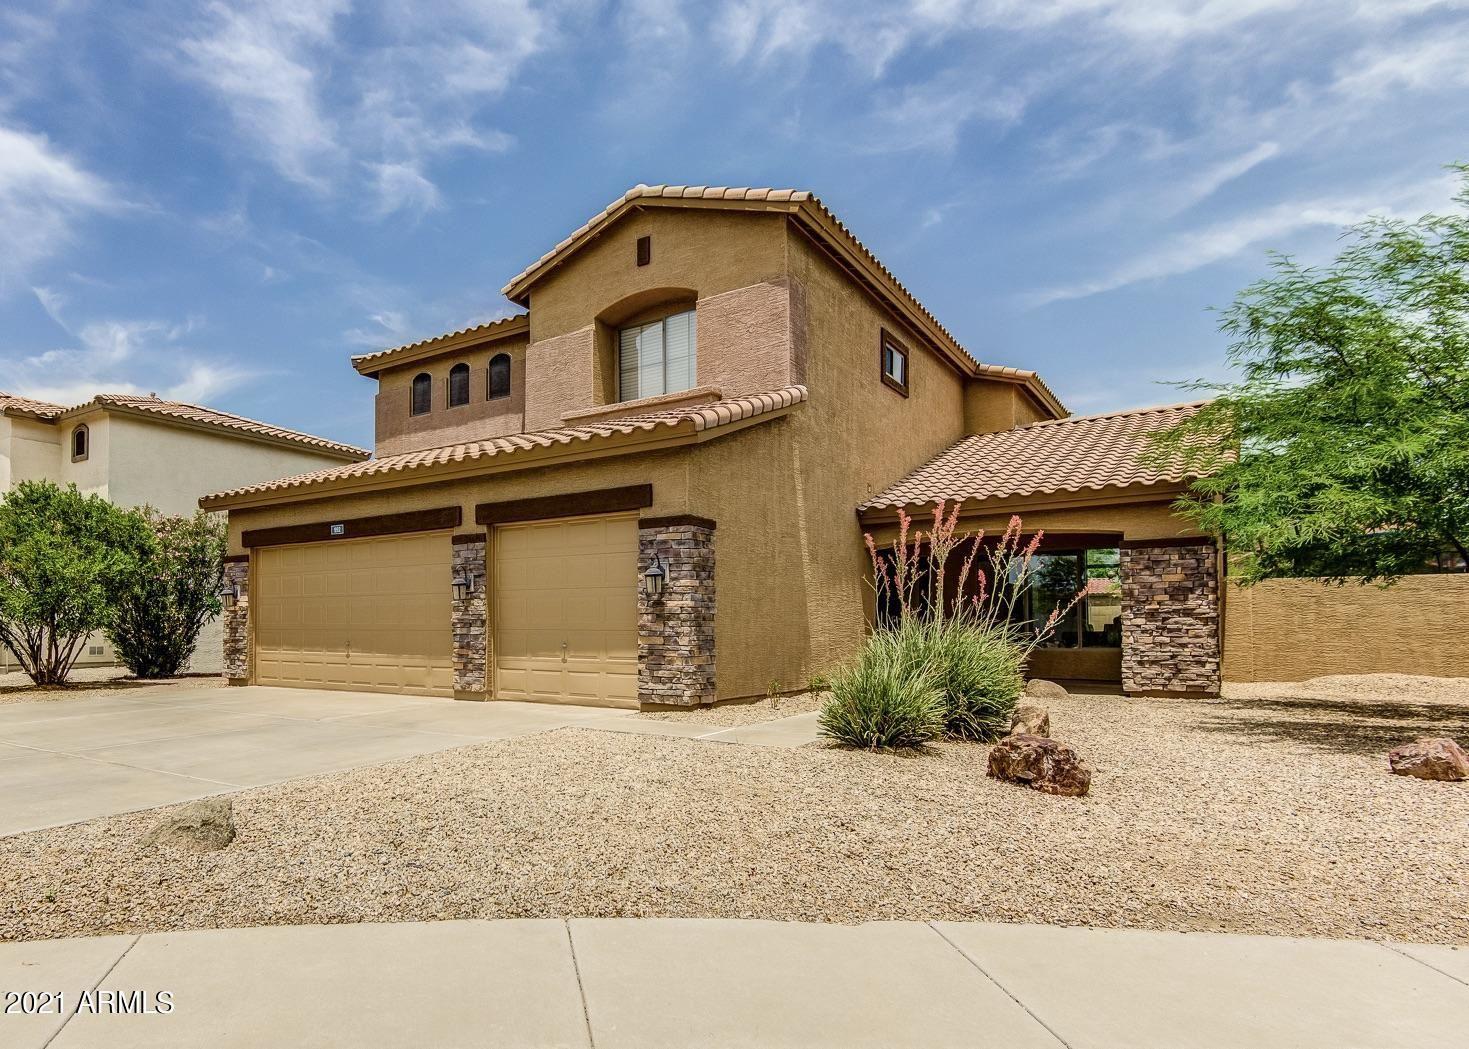 992 E TAURUS Place, Chandler, AZ 85249 - MLS#: 6268726